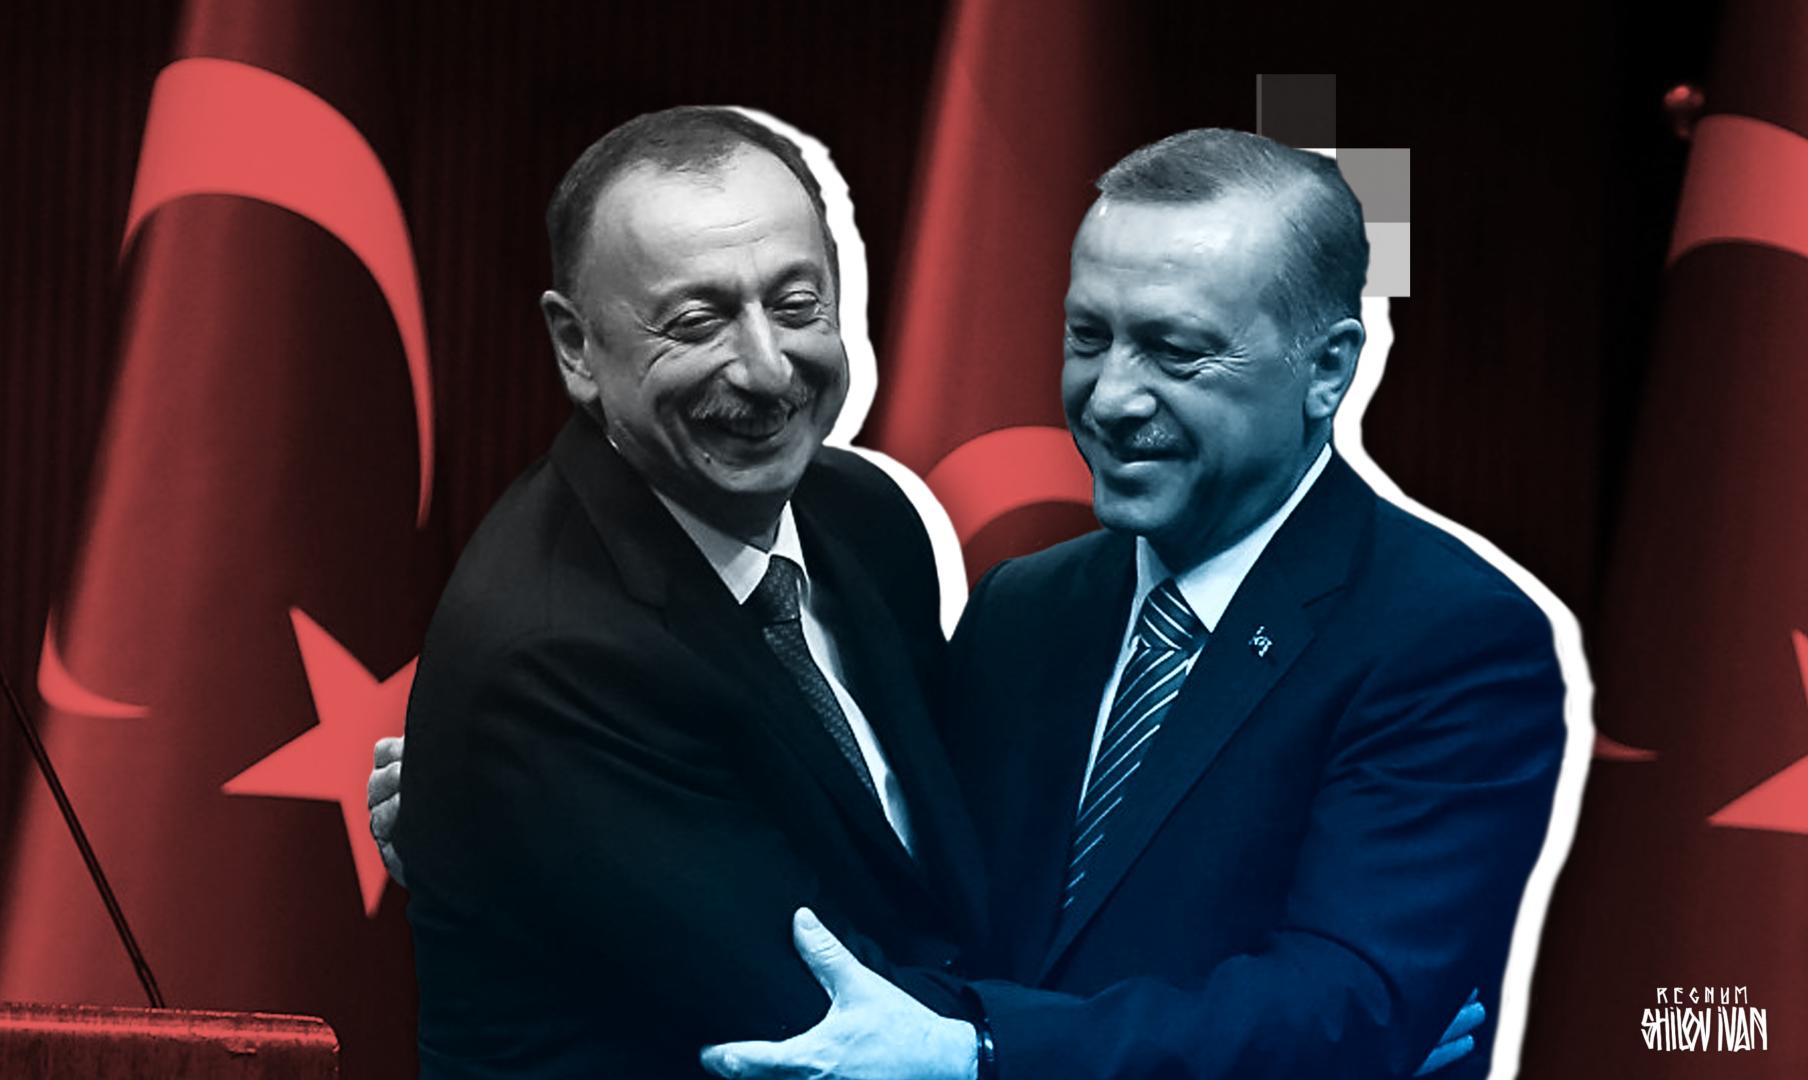 Нагорный Карабах: Алиев и Эрдоган остаются без Европы - Станислав Тарасов - ИА REGNUM